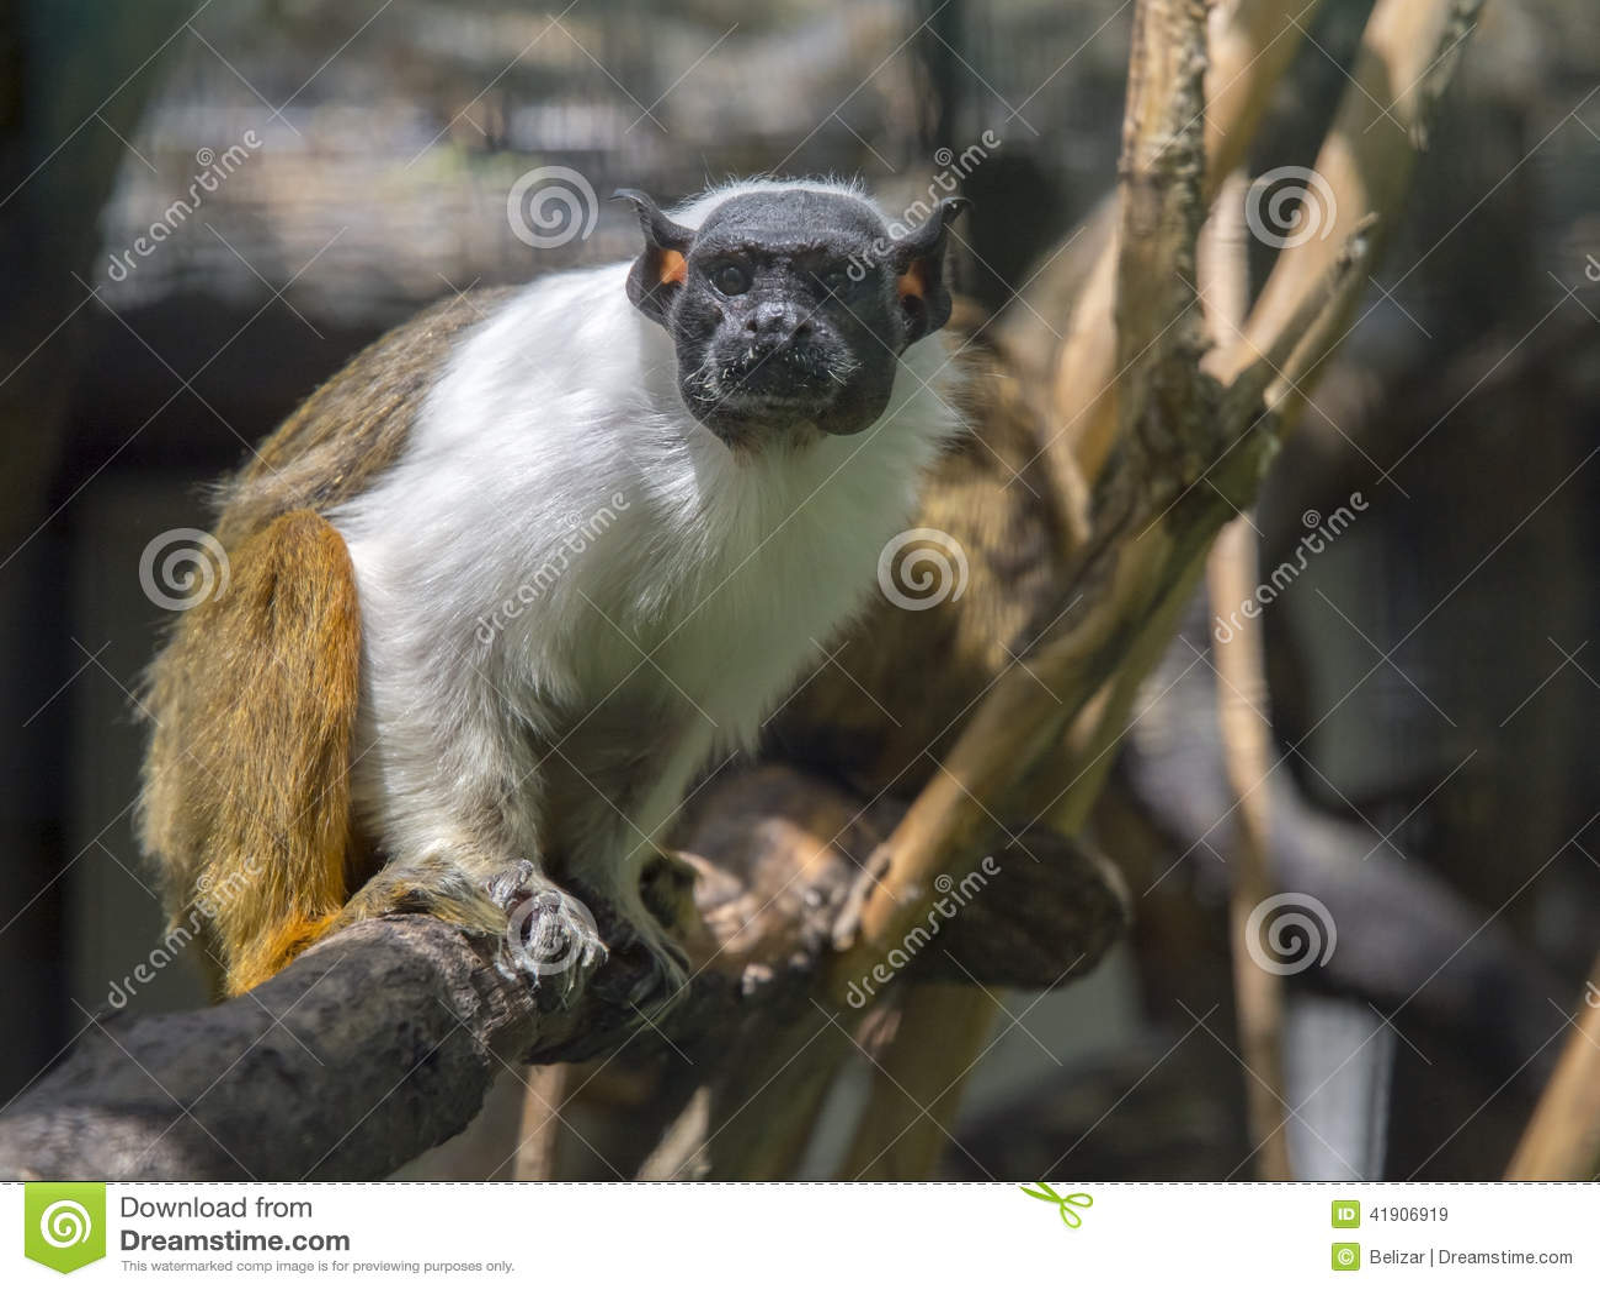 Tamarin de varios colores (Saguinus bicolor)